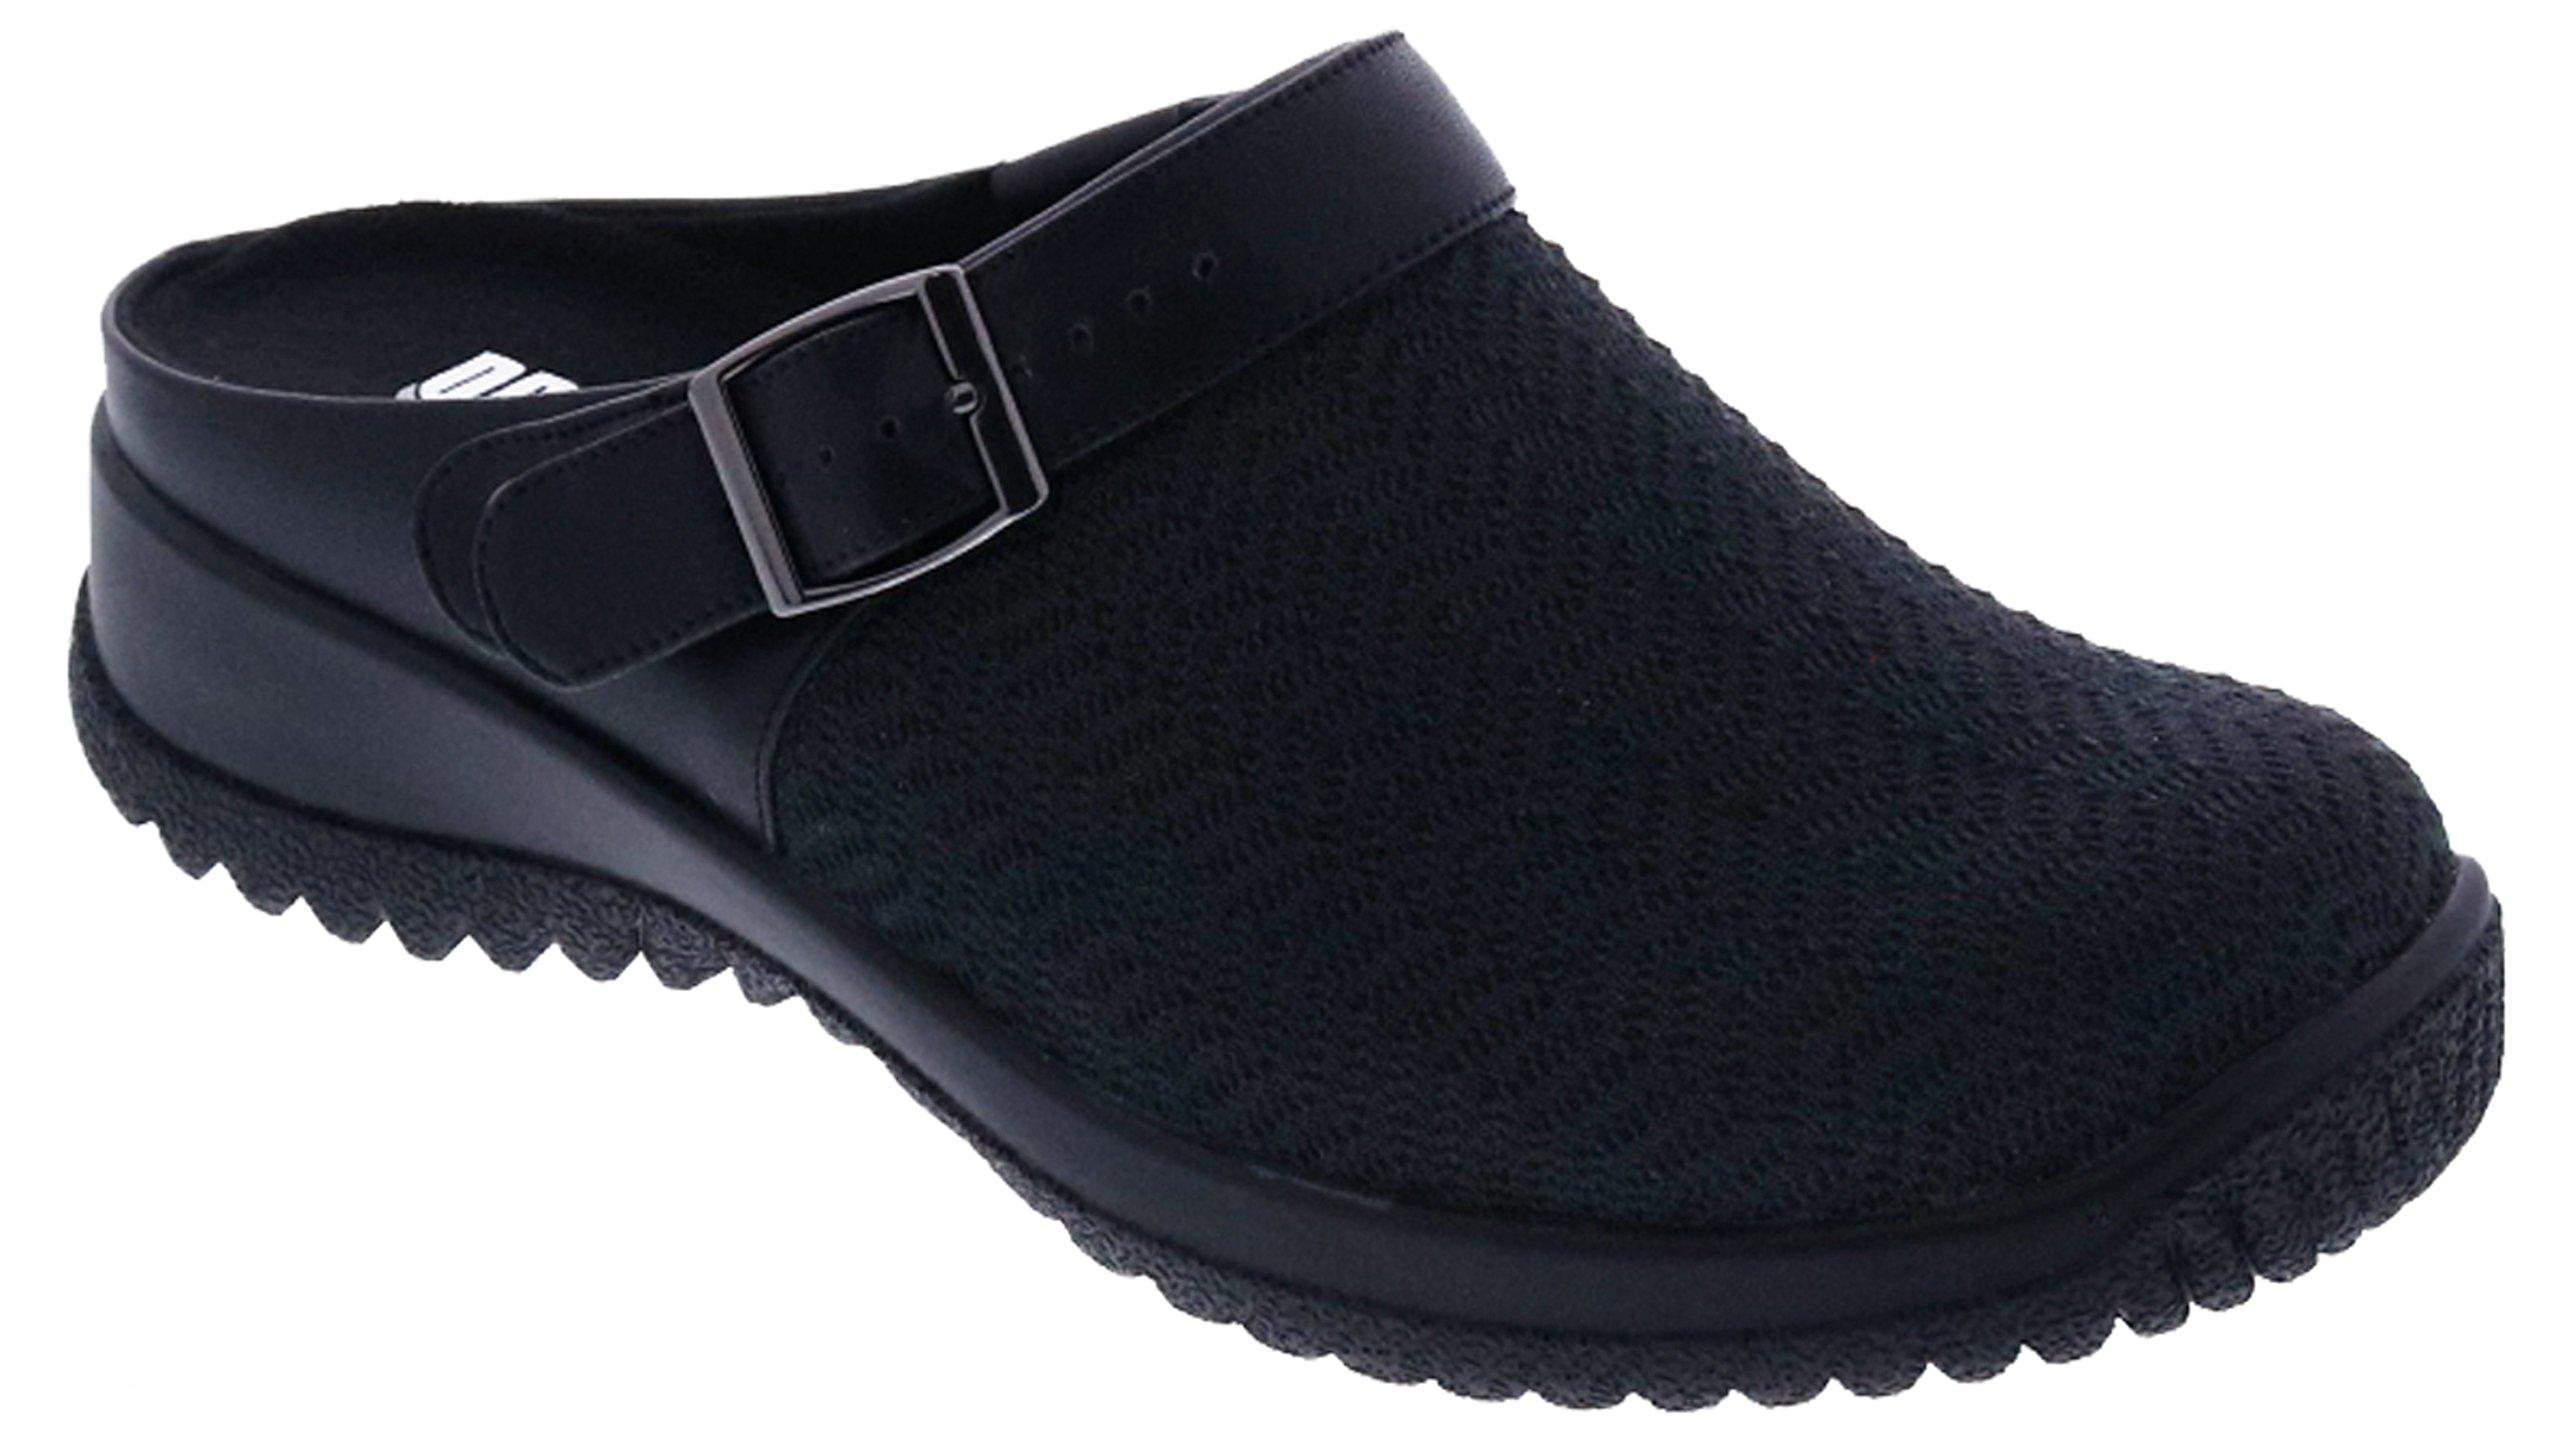 Drew Shoe Women's Savannah Comfort Casual Clogs, Black, Textile, 11 WW